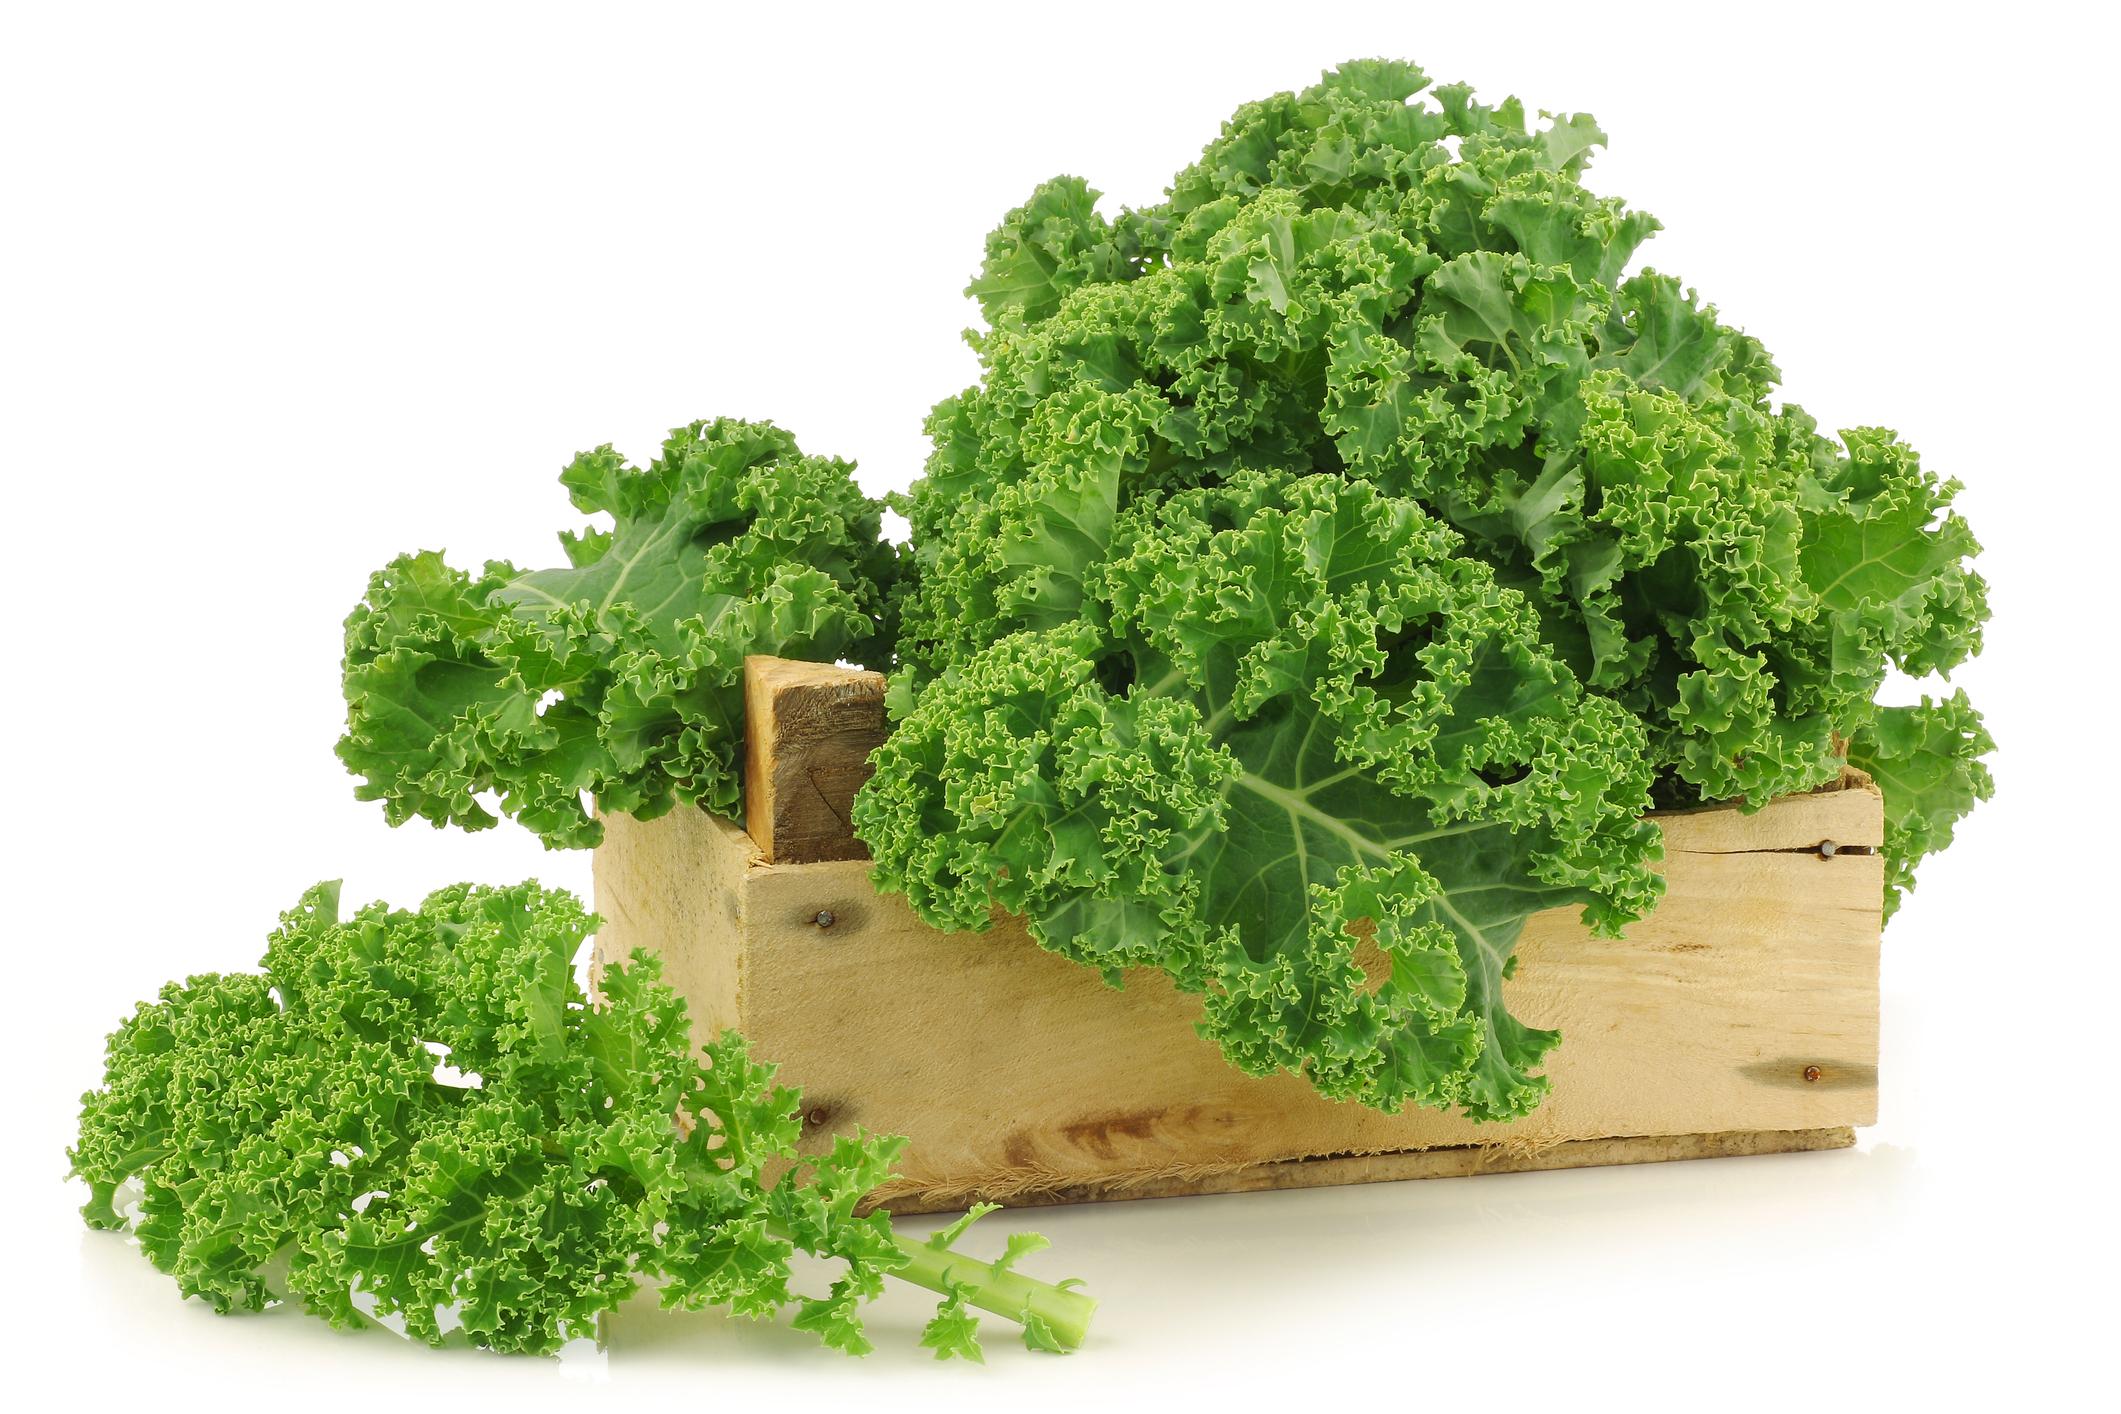 boerenkool gezond